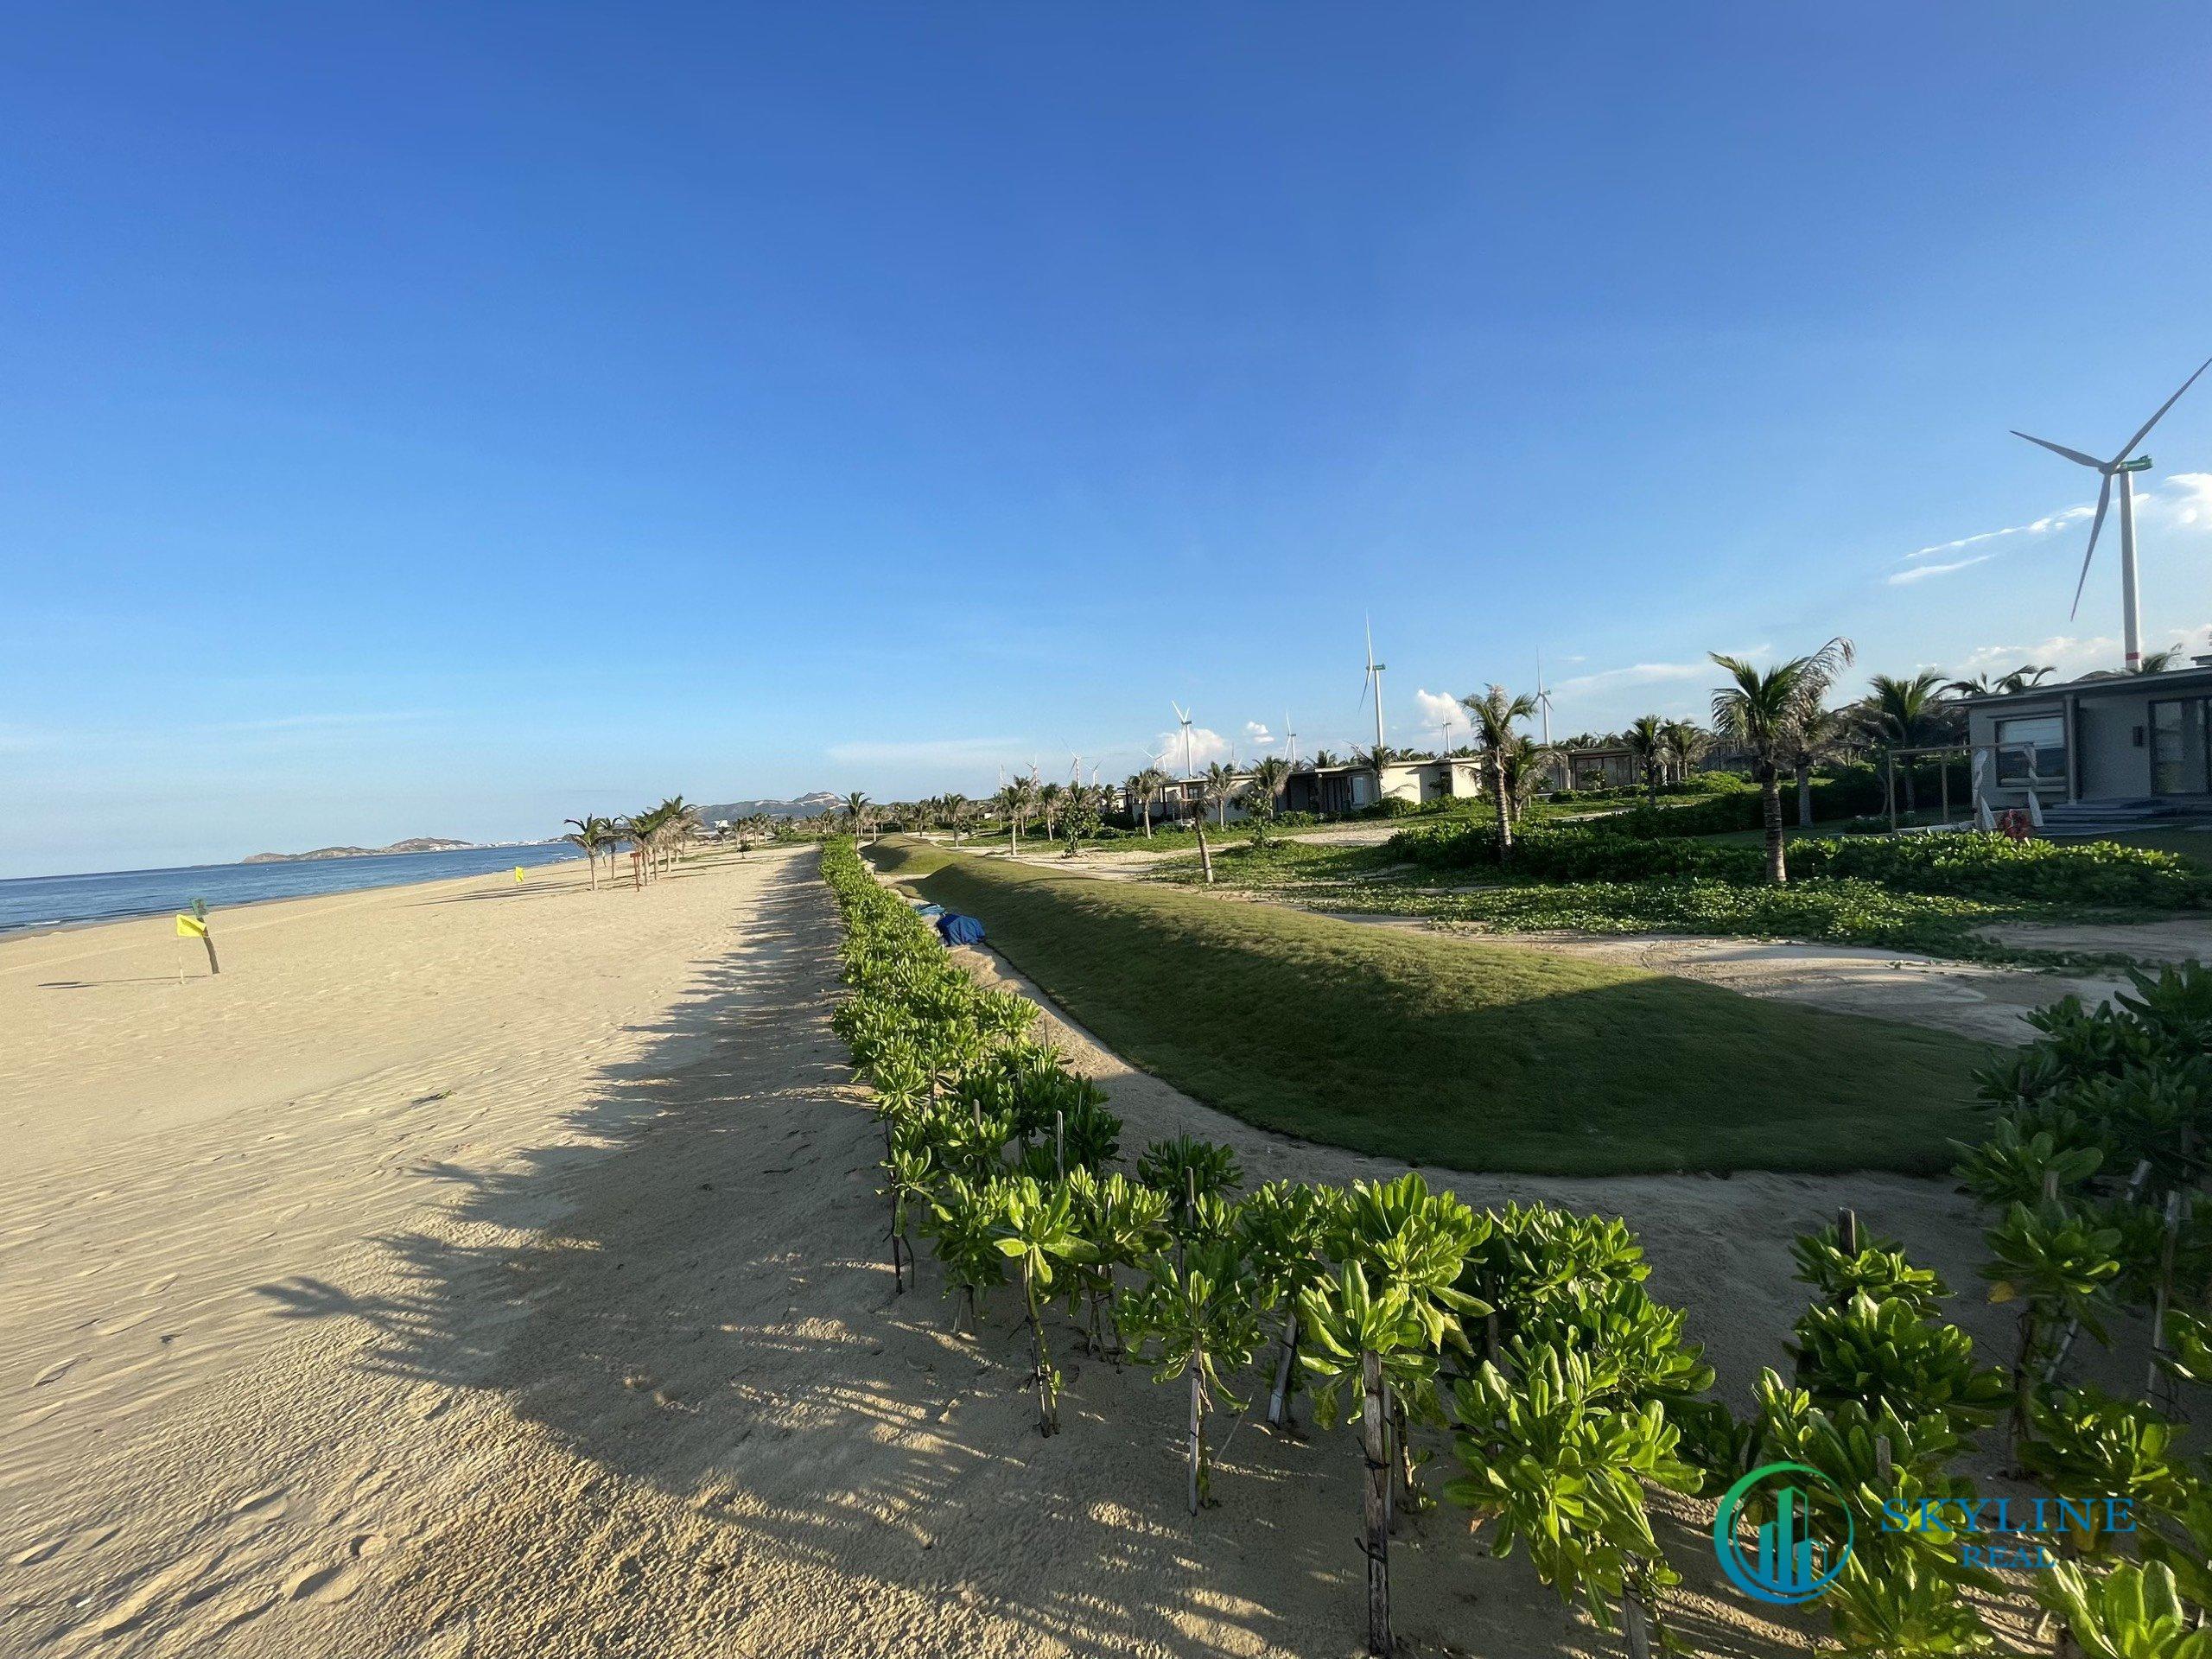 Hình ảnh thực tế tại dự án Maia Resort